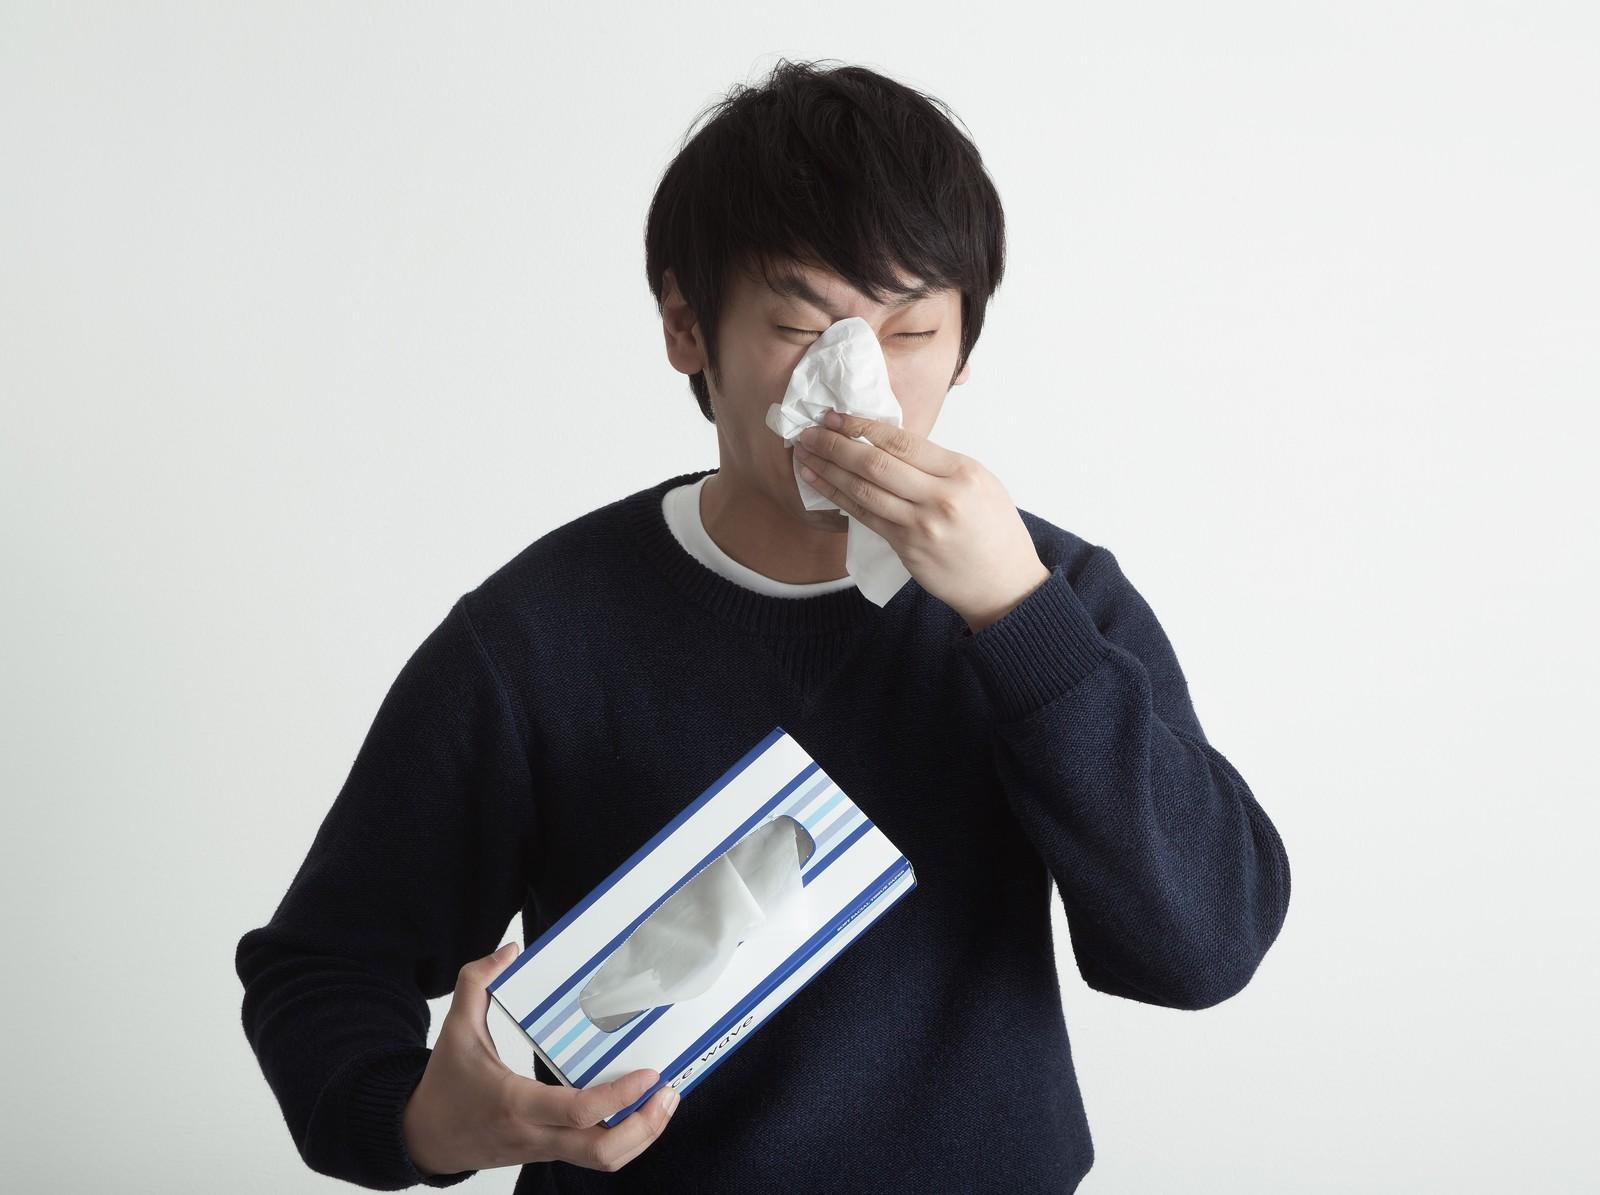 乳酸菌サプリと花粉症!この2つの深い繋がりって何?